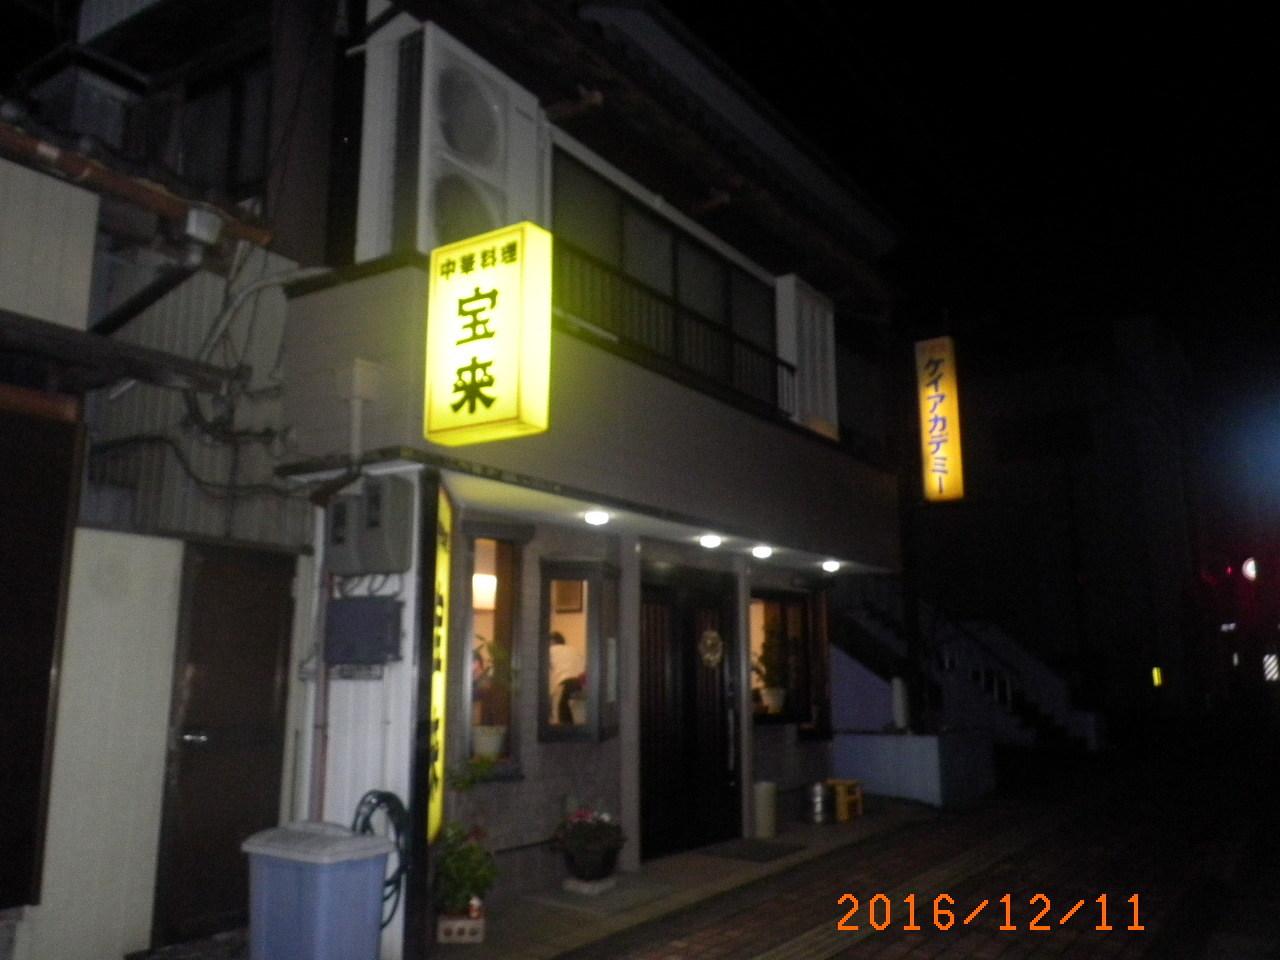 20161211195522401.jpg